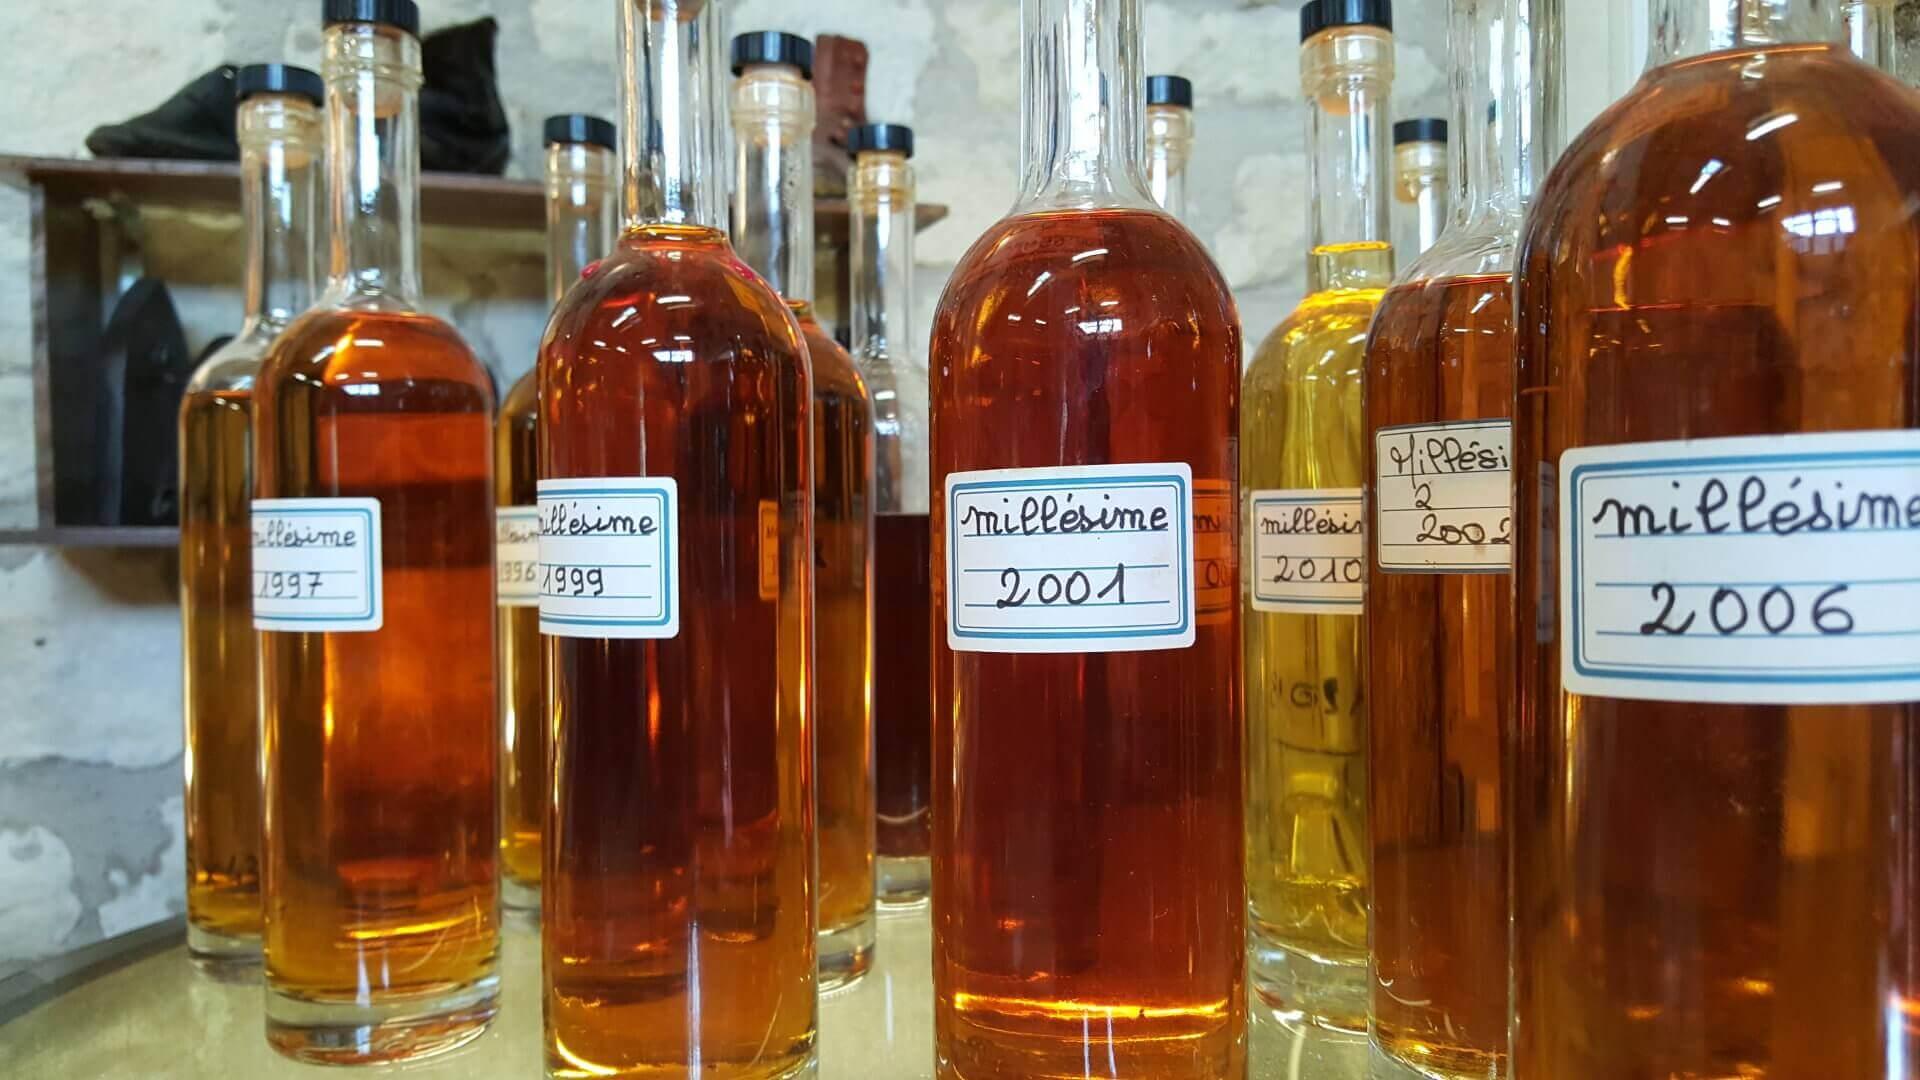 Des millésimes de cognac à découvrir et déguster dans une distillerie artisanale